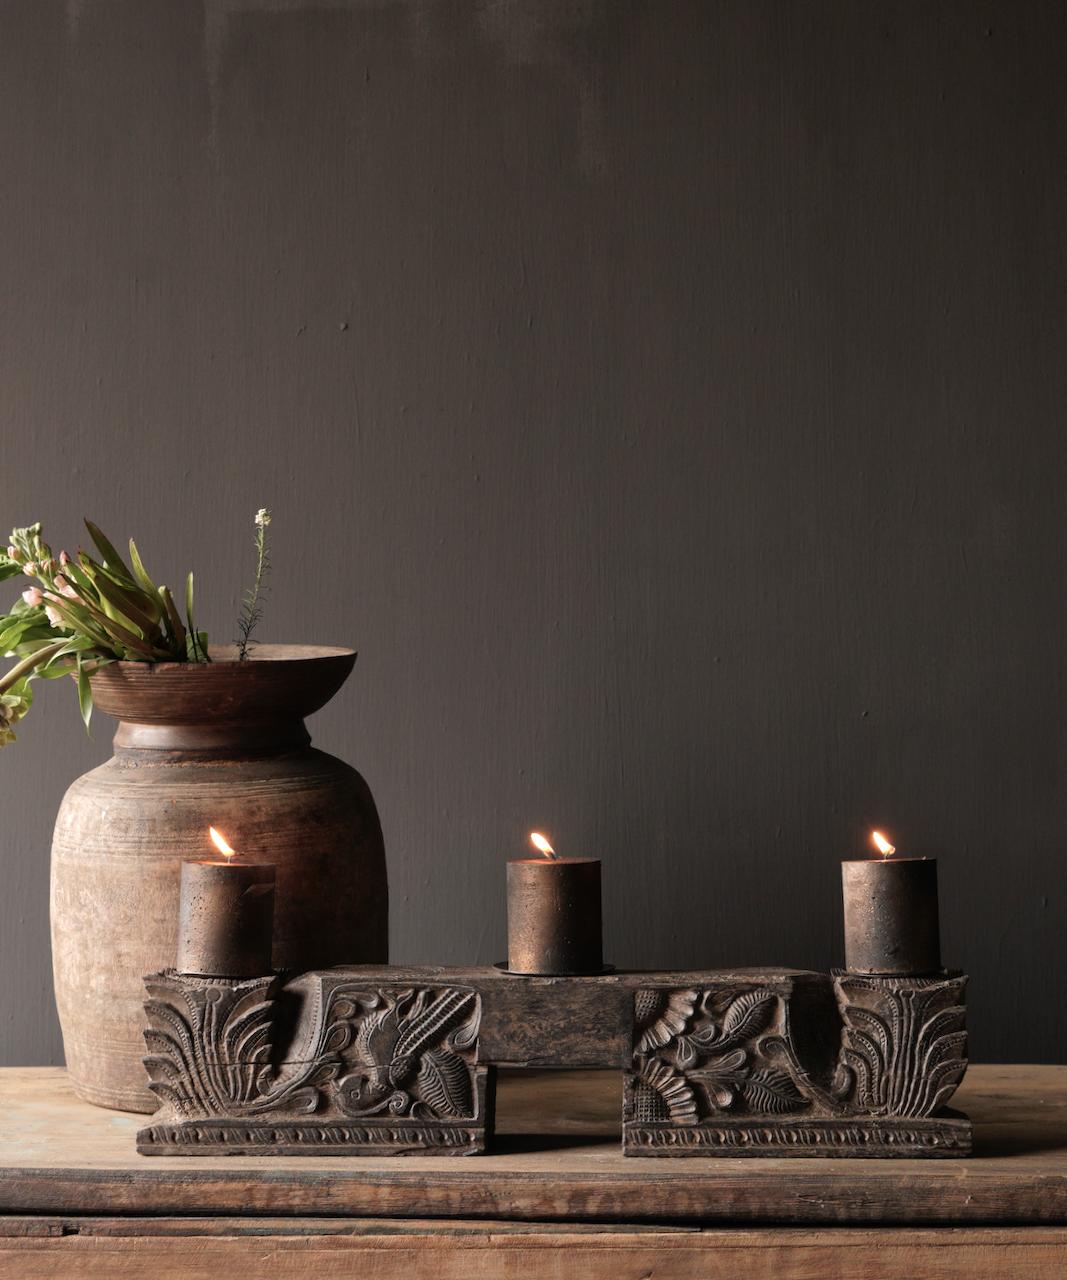 Kerzenhalter der alten Verzierung-1